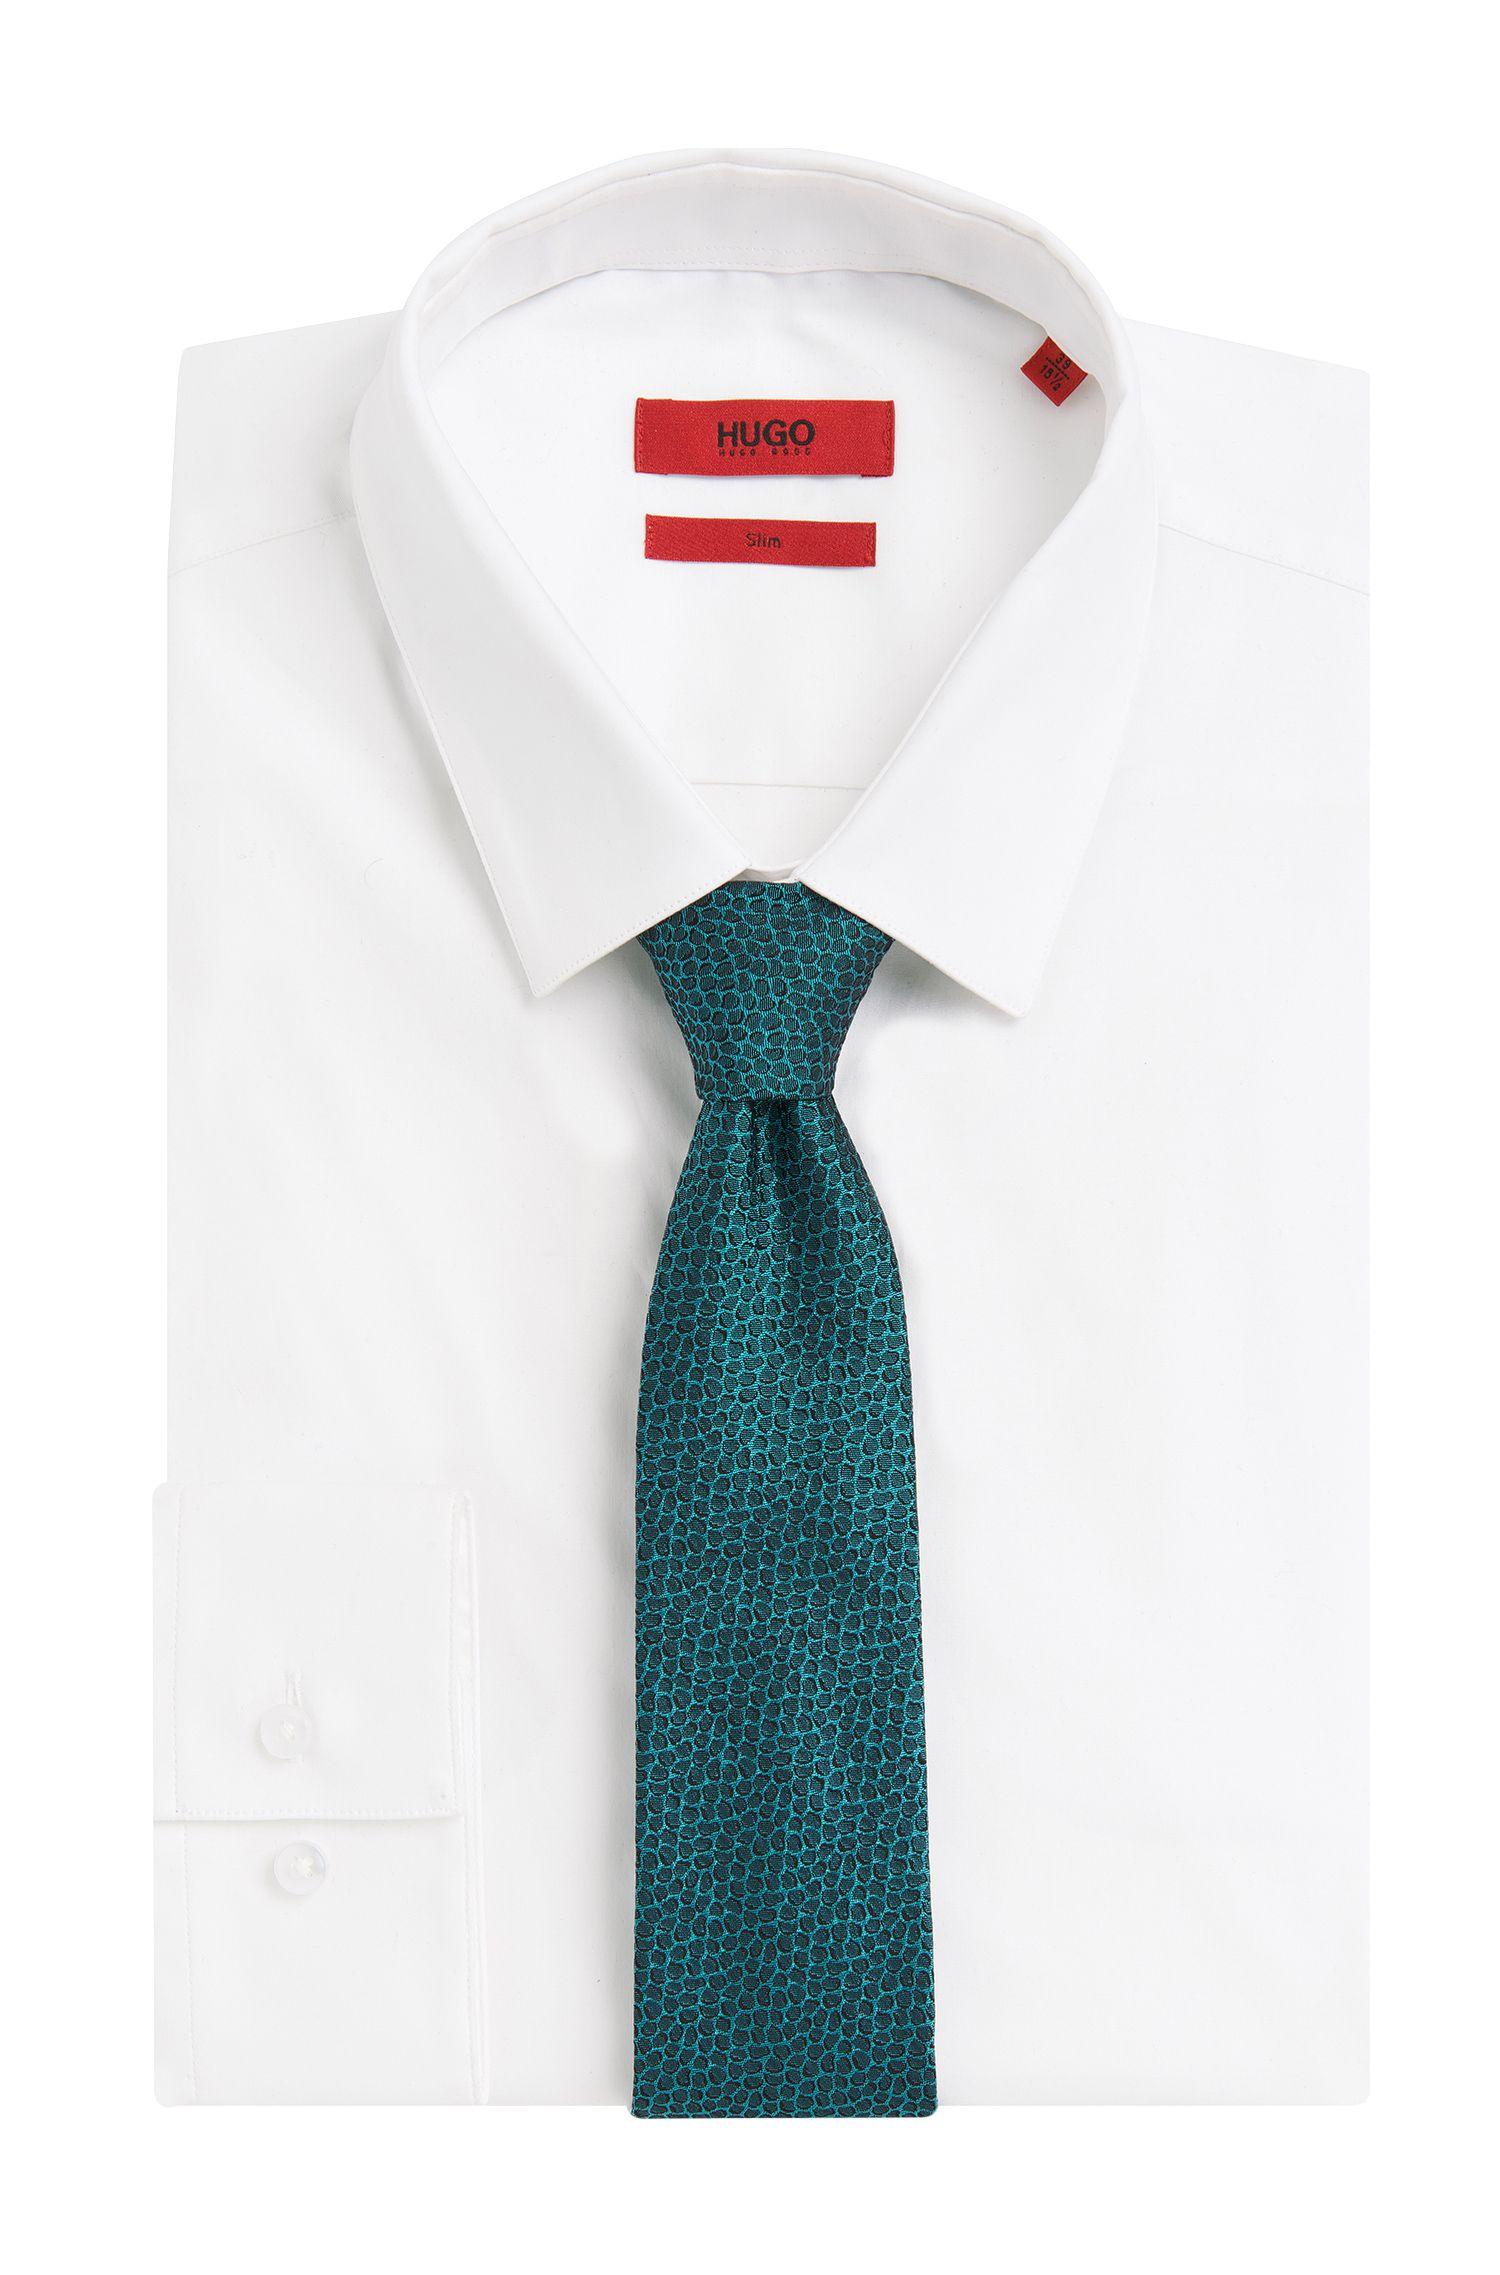 Allover gemusterte Krawatte aus Seide: 'Tie cm 6'